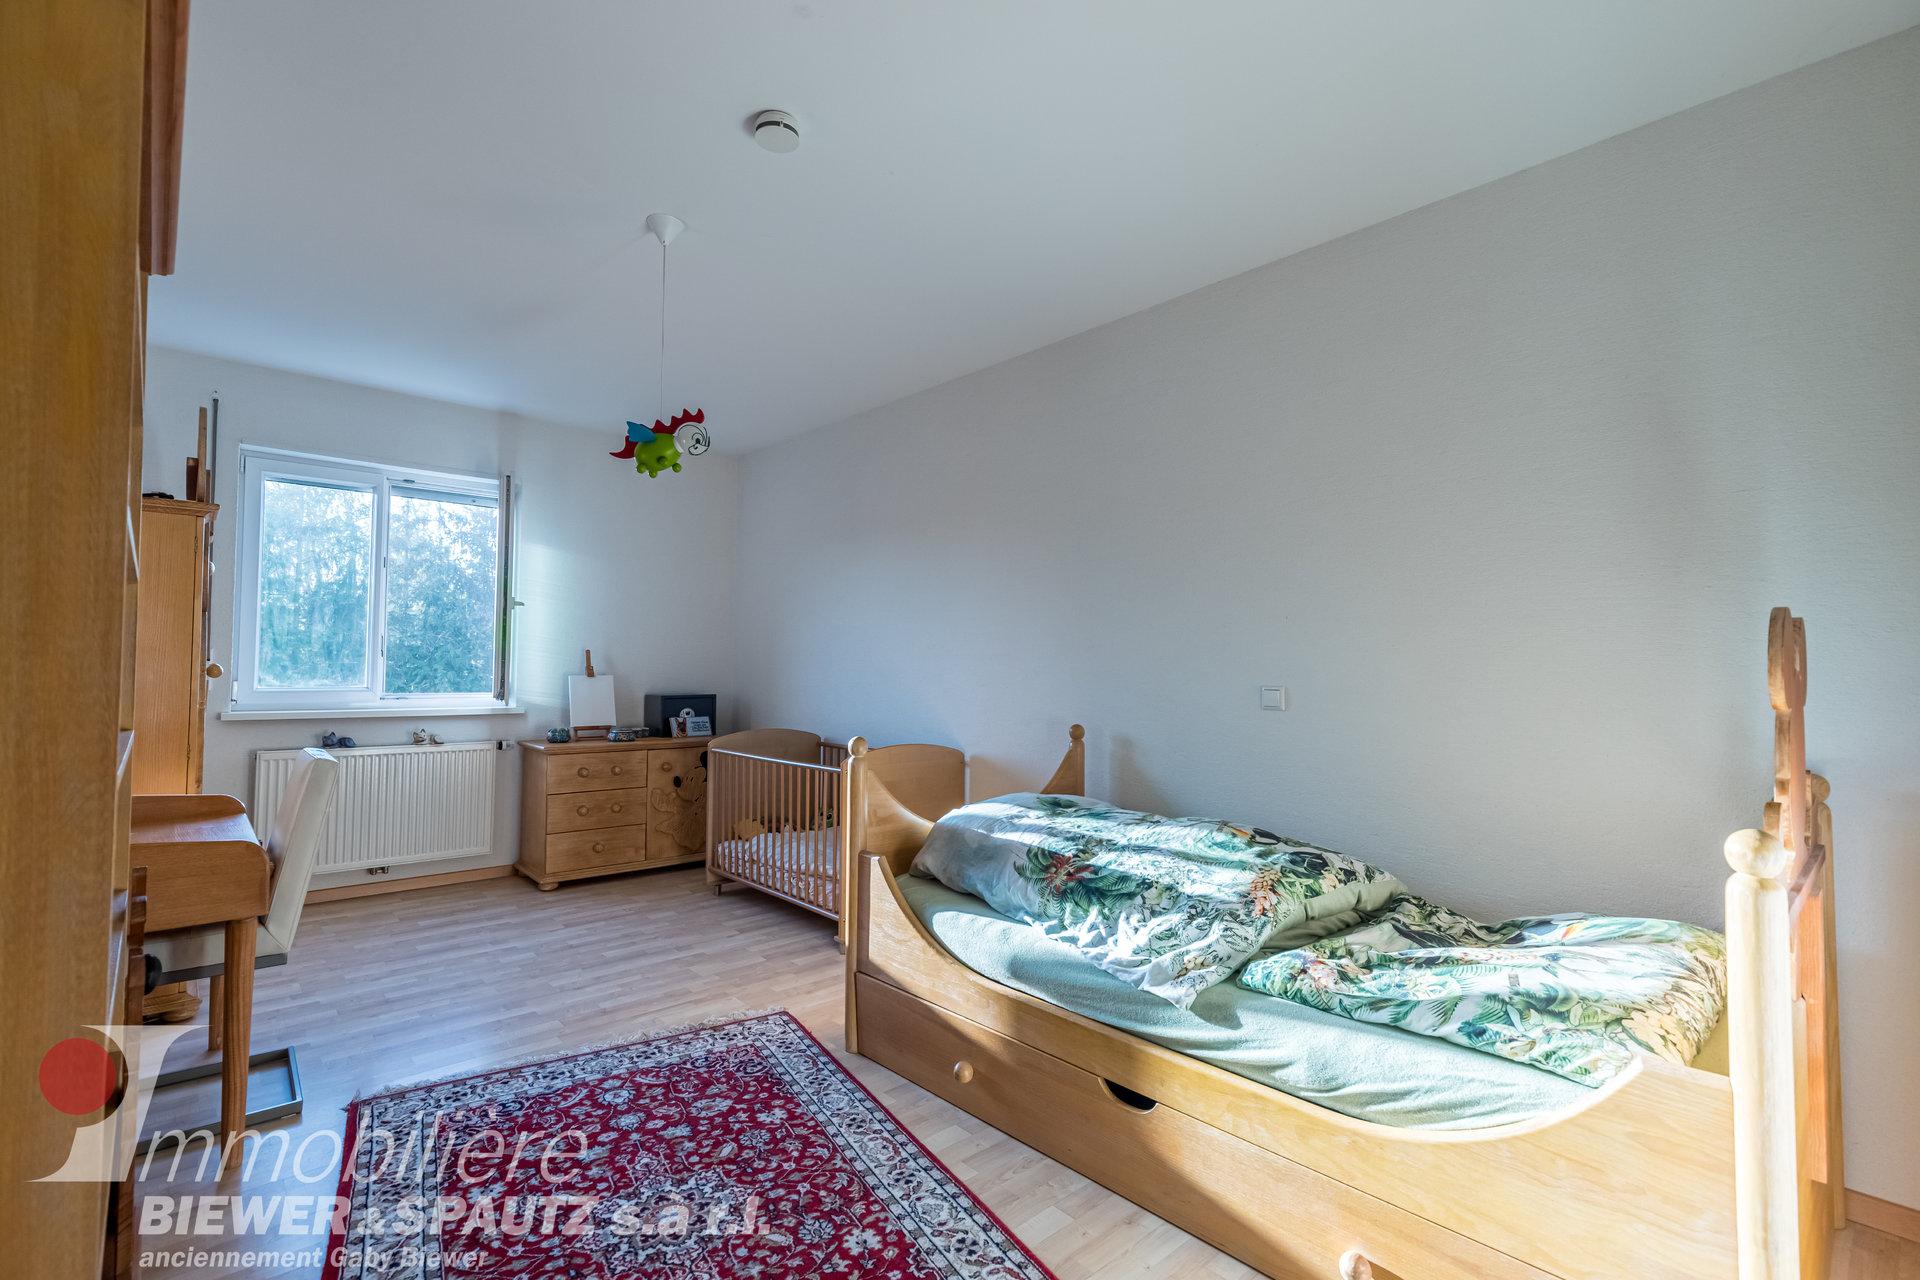 UNTER VORVERKAUFSVERTRAG- Triplex-Wohnung mit 4 Schlafzimmern in Berbourg